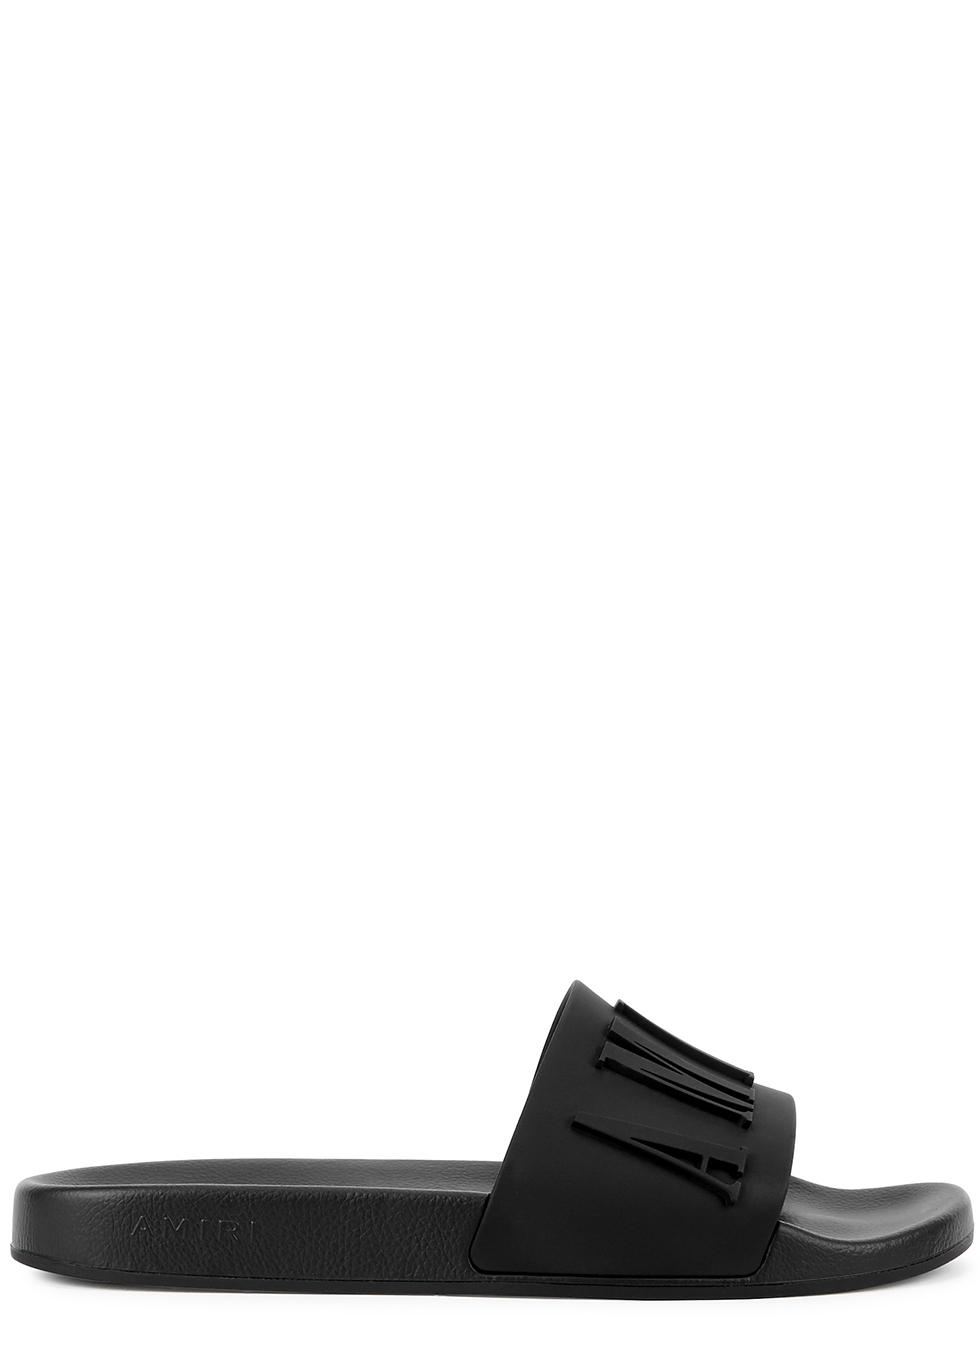 Black logo rubber sliders